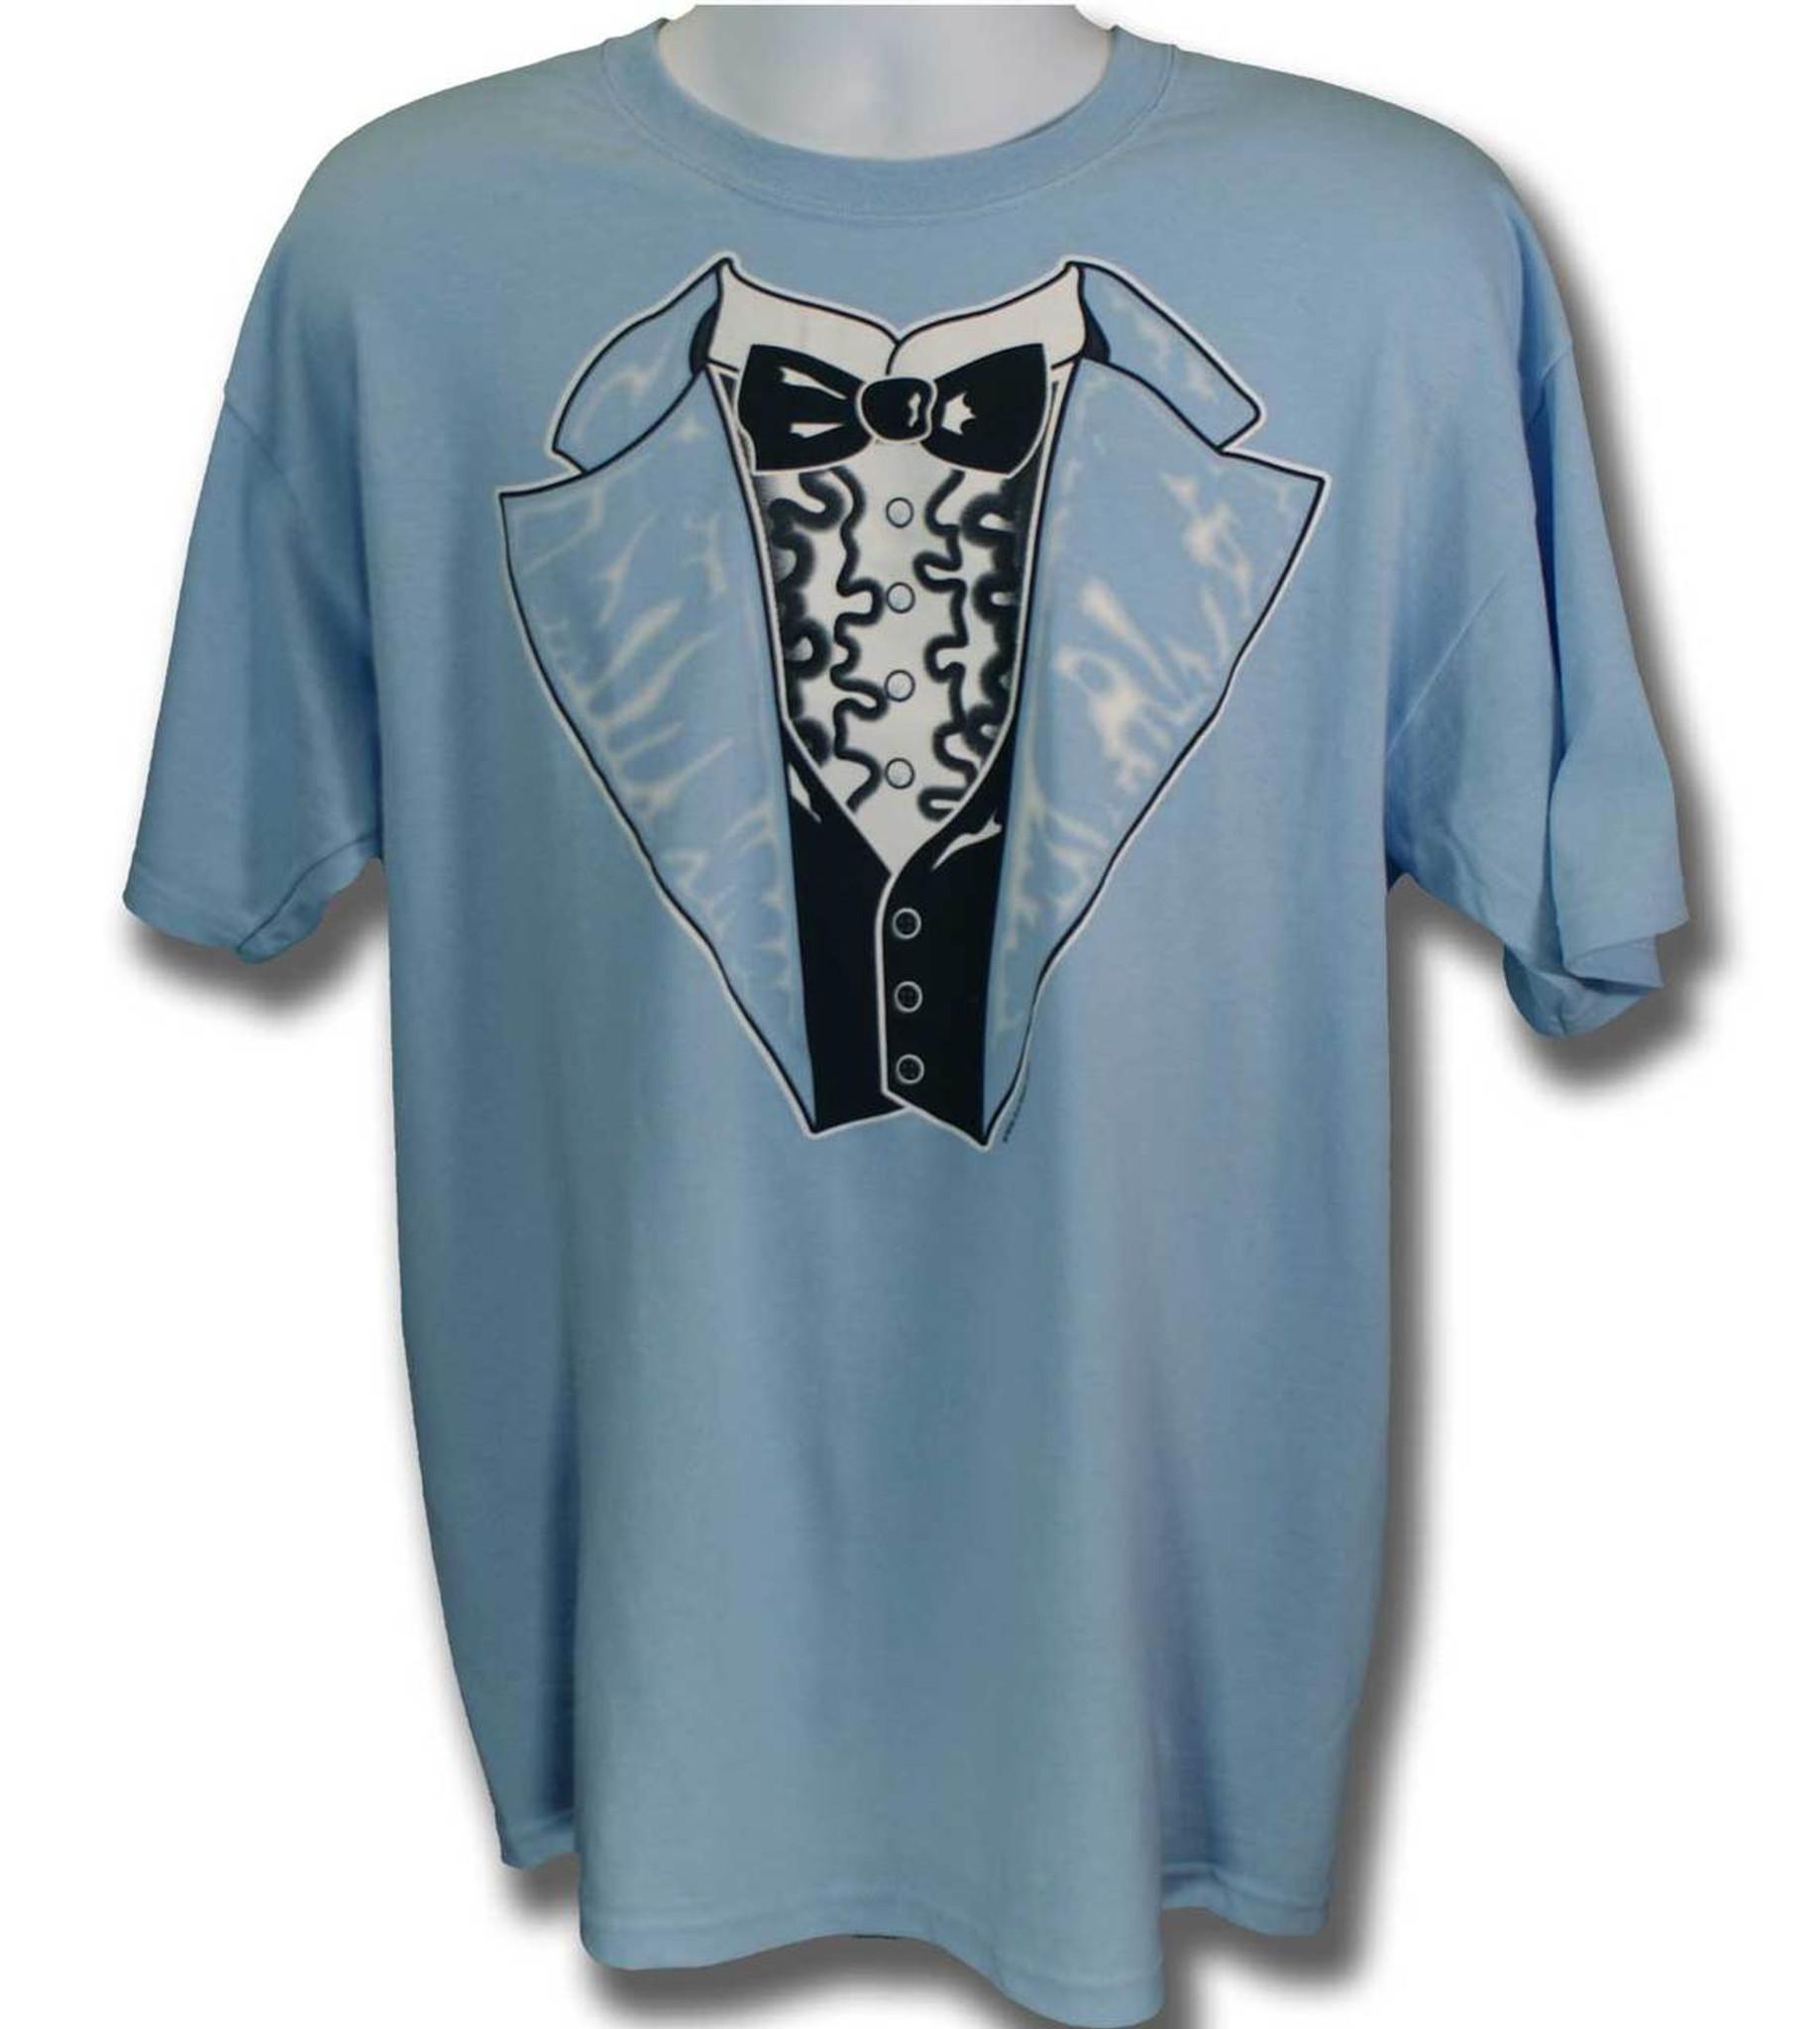 Retro Tuxedo T-shirt in Blue | Shop Men\'s Tuxedo Tees